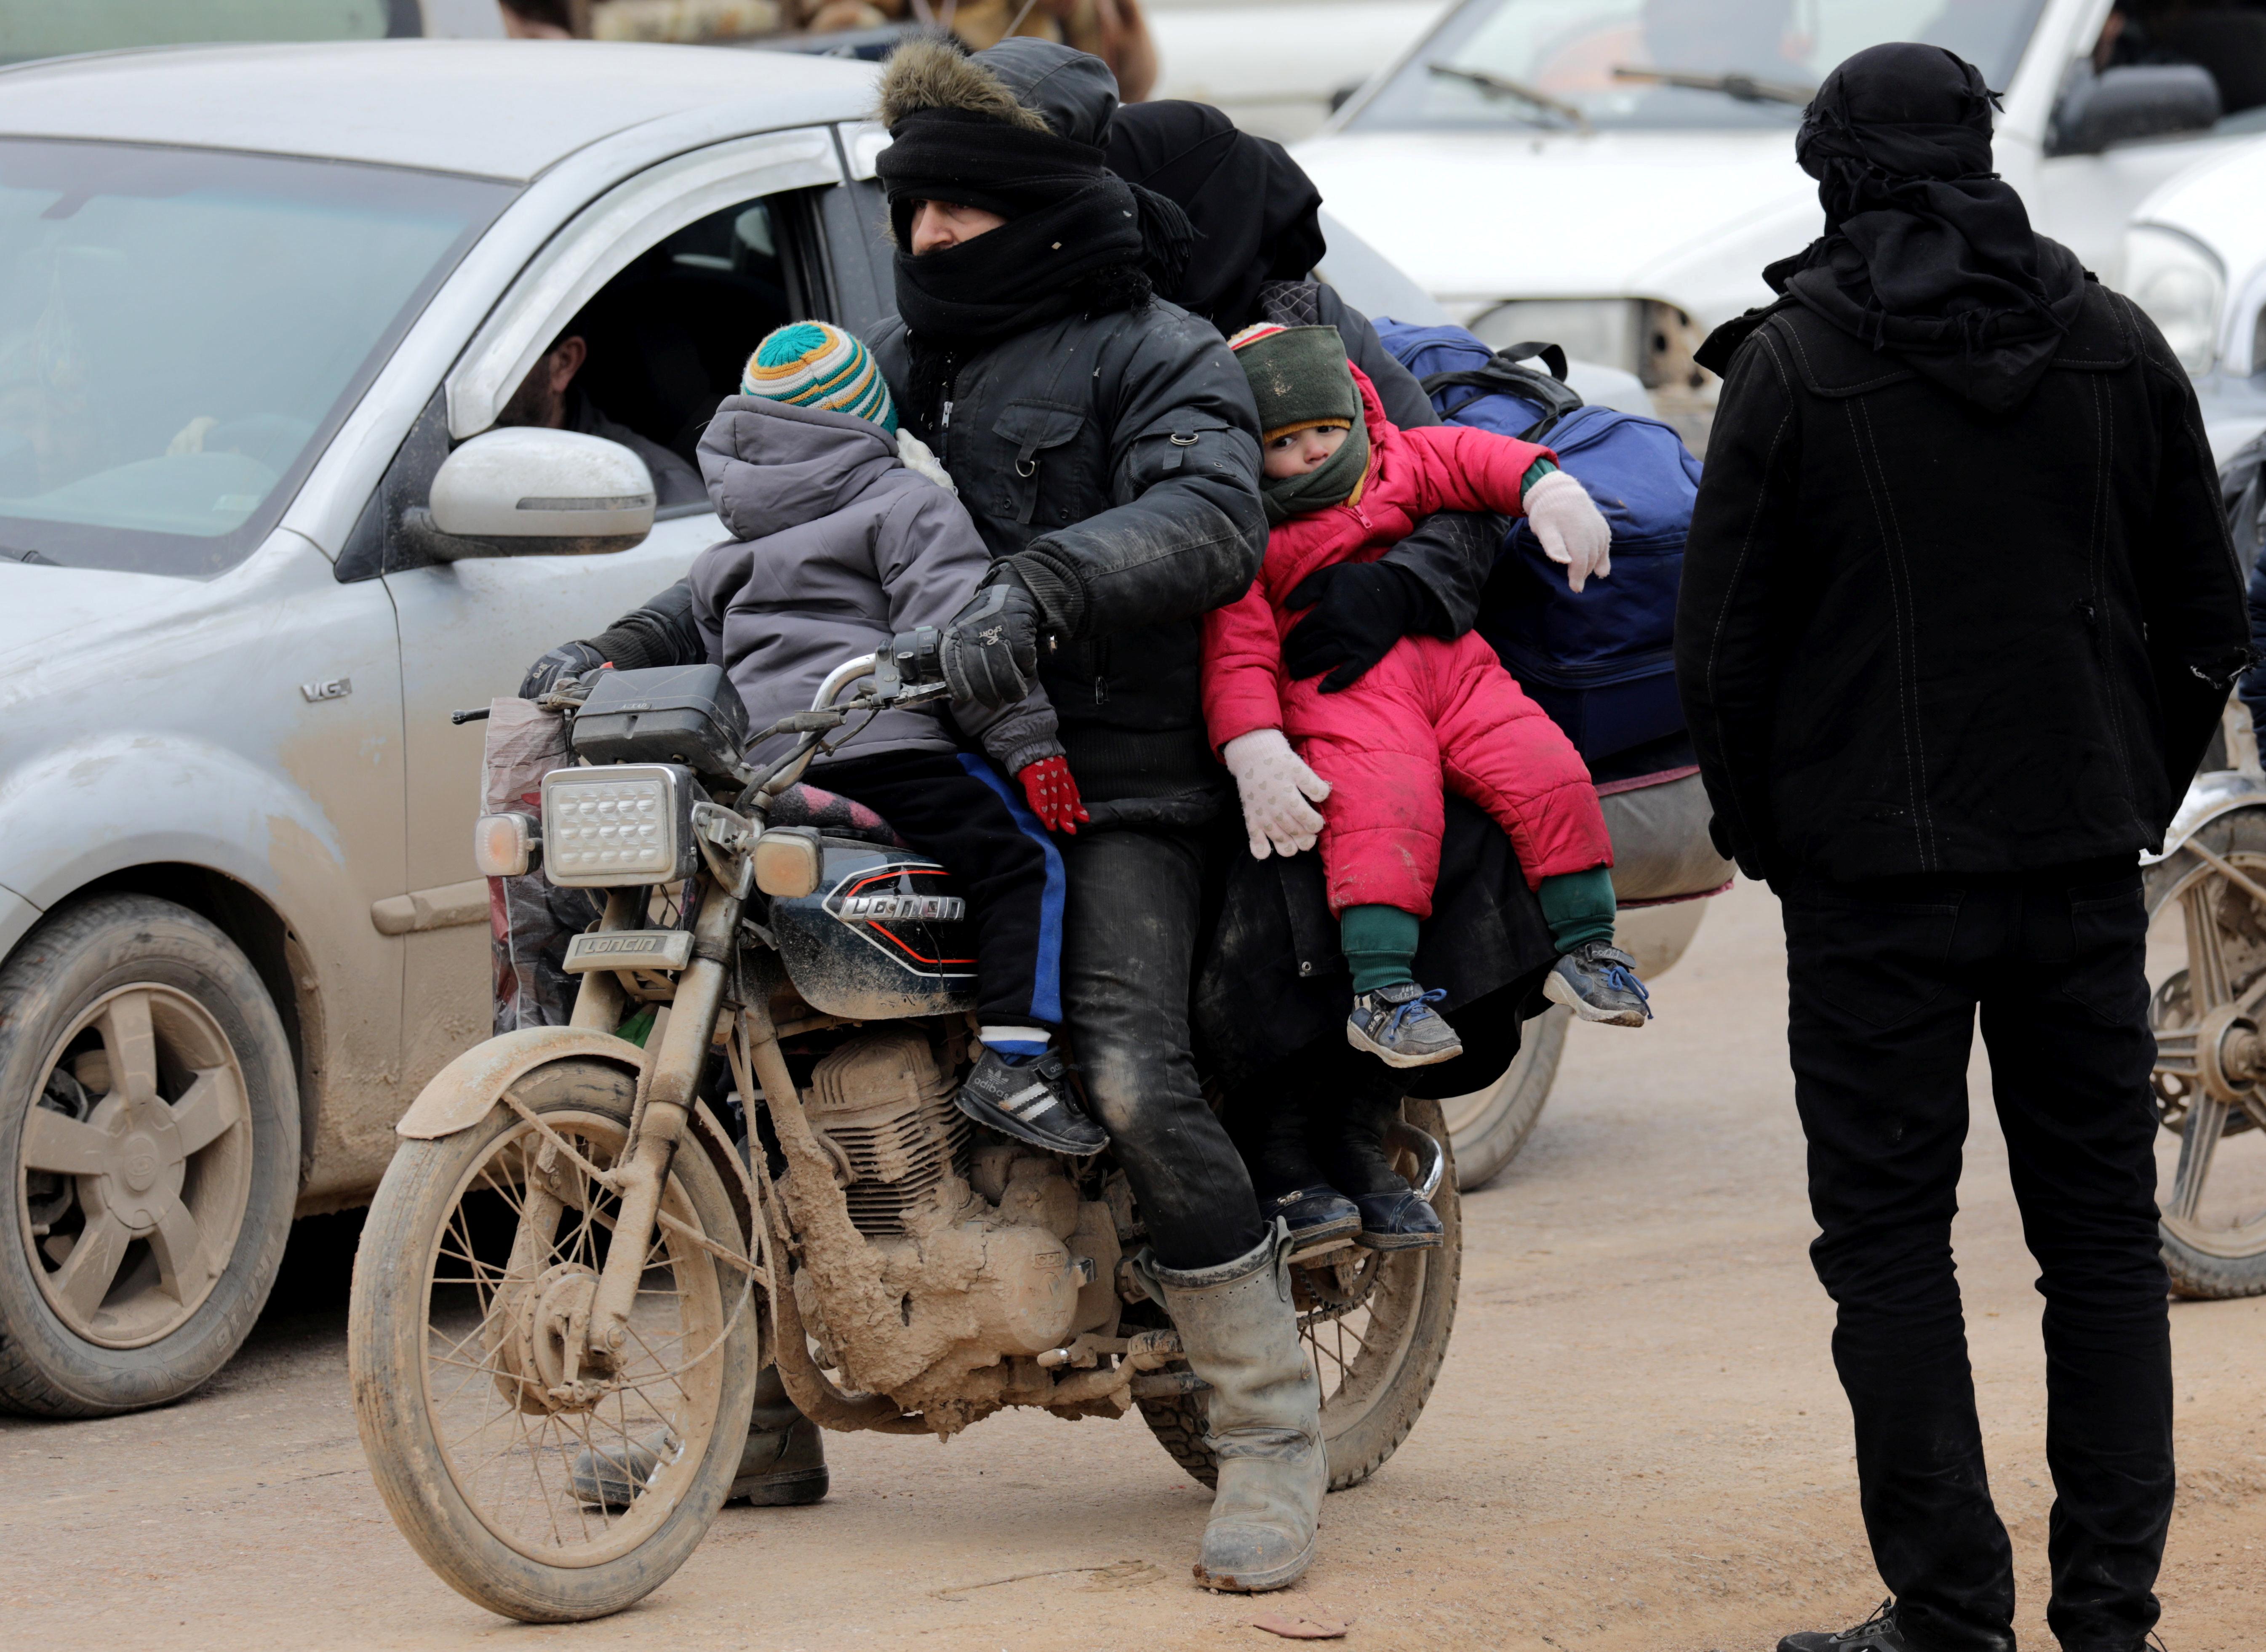 La guerra civil siria comenzó en 2011 y ha dejado un saldo de 380.000 muertos, 5 millones de refugiados en el extranjero y 7,6 millones de desplazados internos.